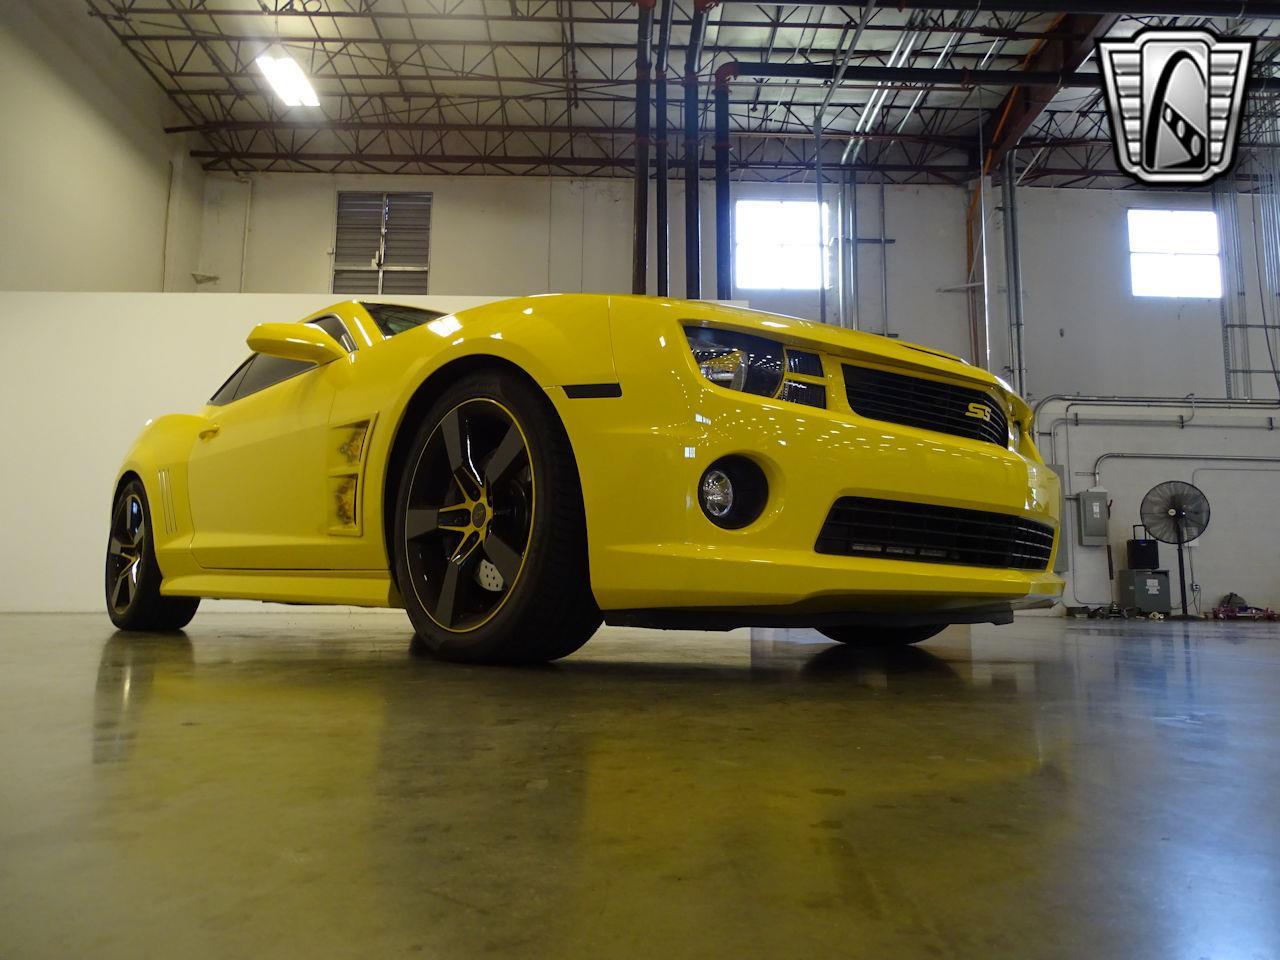 2010 Chevrolet Camaro (CC-1358919) for sale in O'Fallon, Illinois